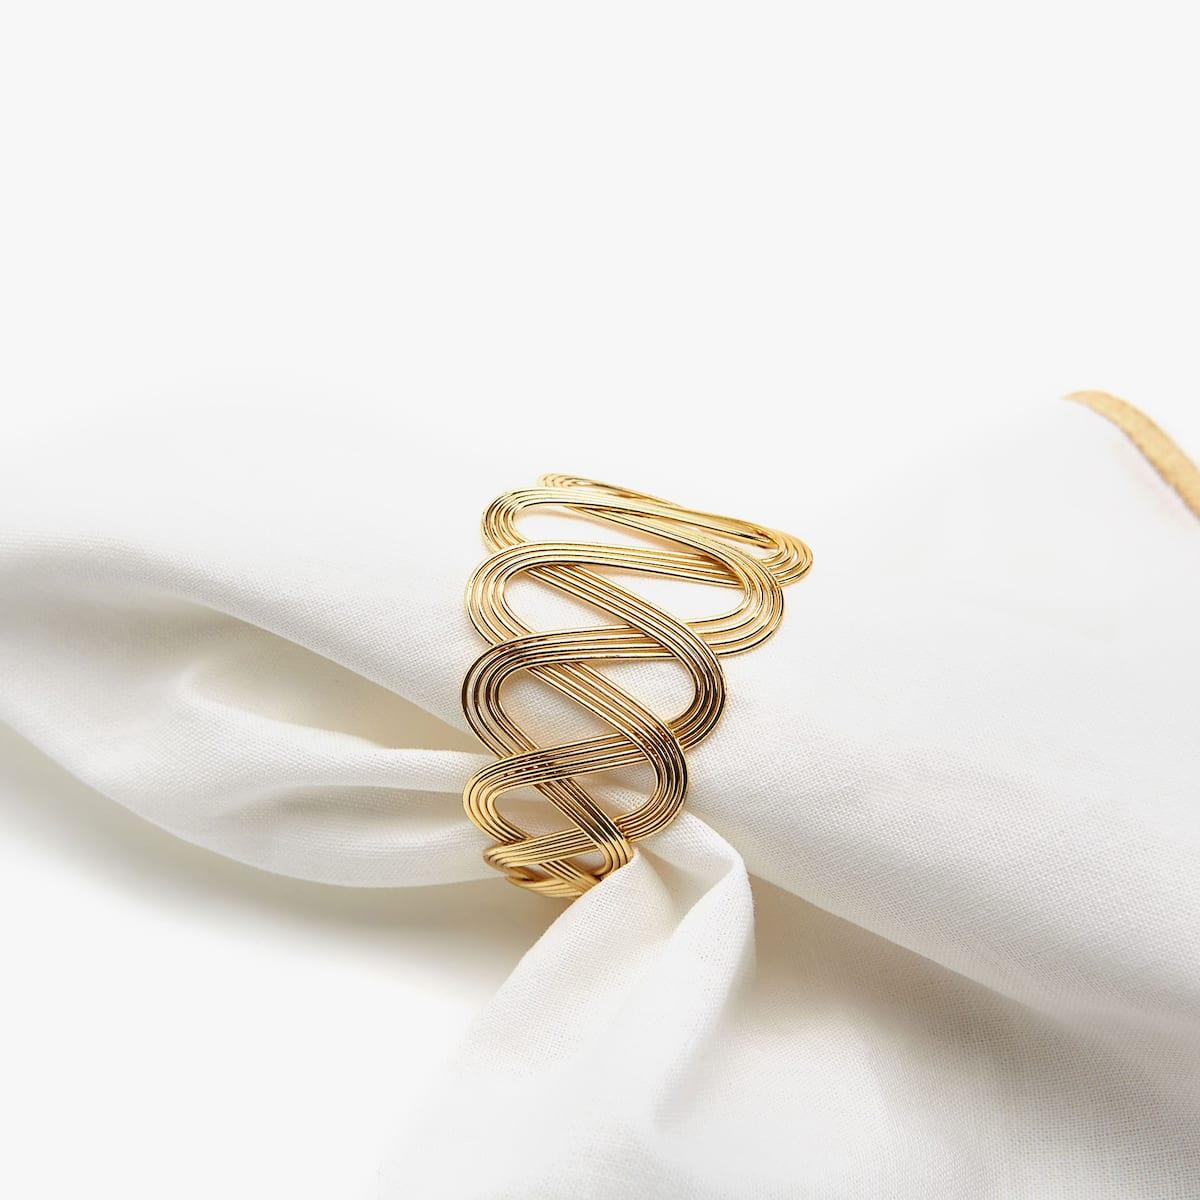 Afbeelding 3 van het product Servetringen van goudkleurig garen (set van 4)